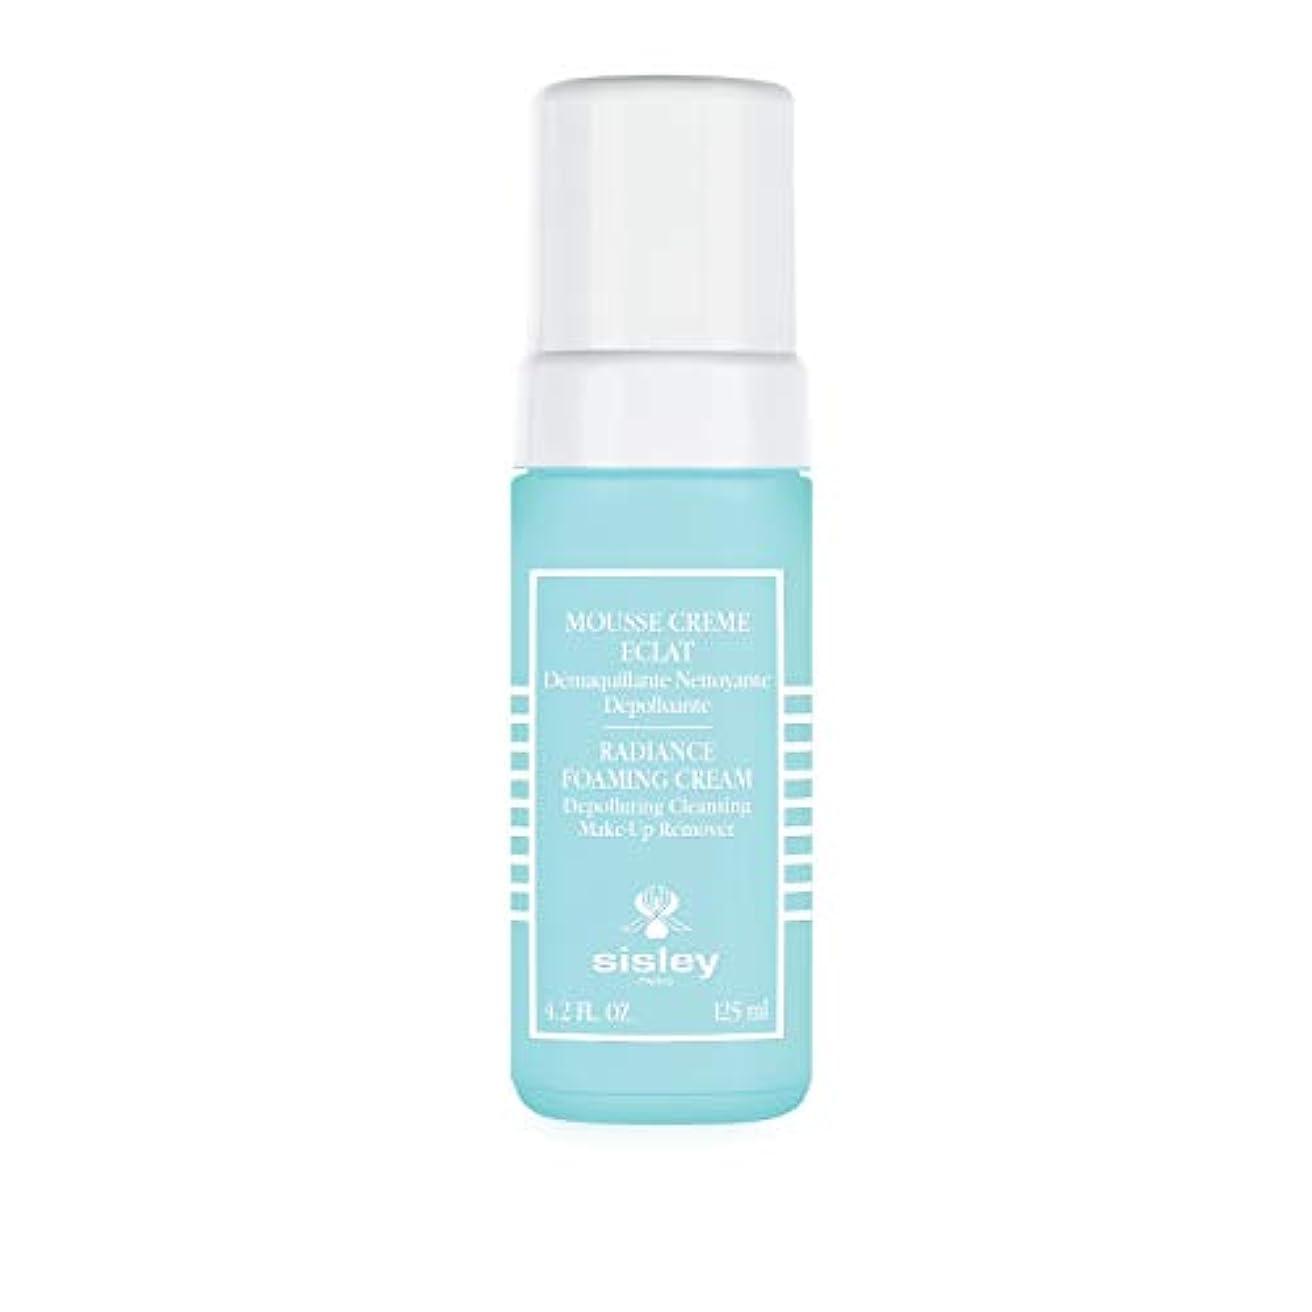 どこかストレンジャードックシスレー Radiance Foaming Cream Depolluting Cleansing Make-Up Remover 125ml/4.2oz並行輸入品